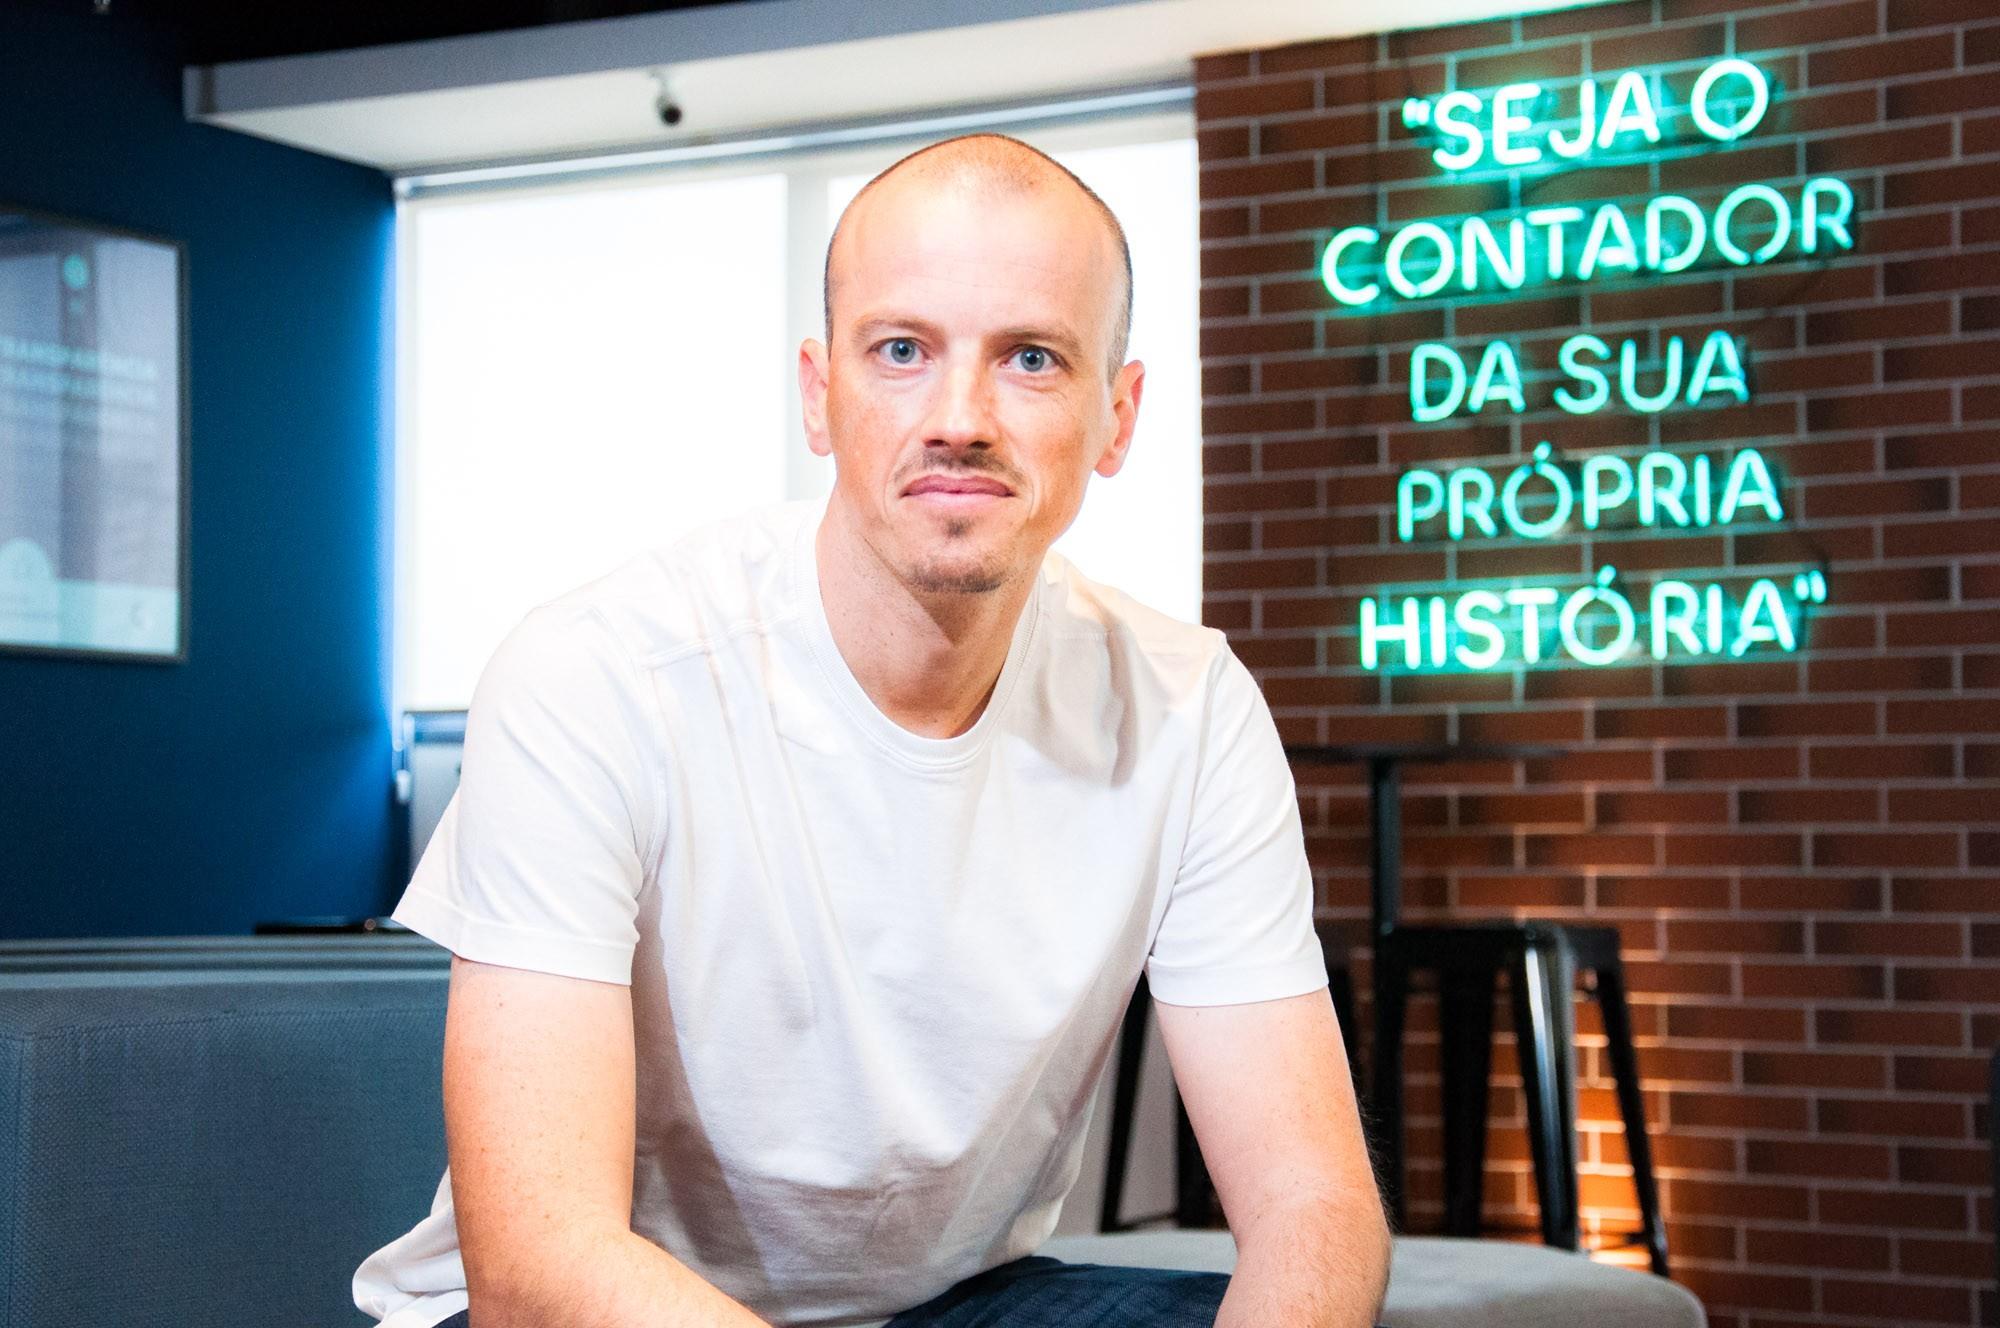 Pioneiro, empresário conta como criou empresa de contabilidade 100% online